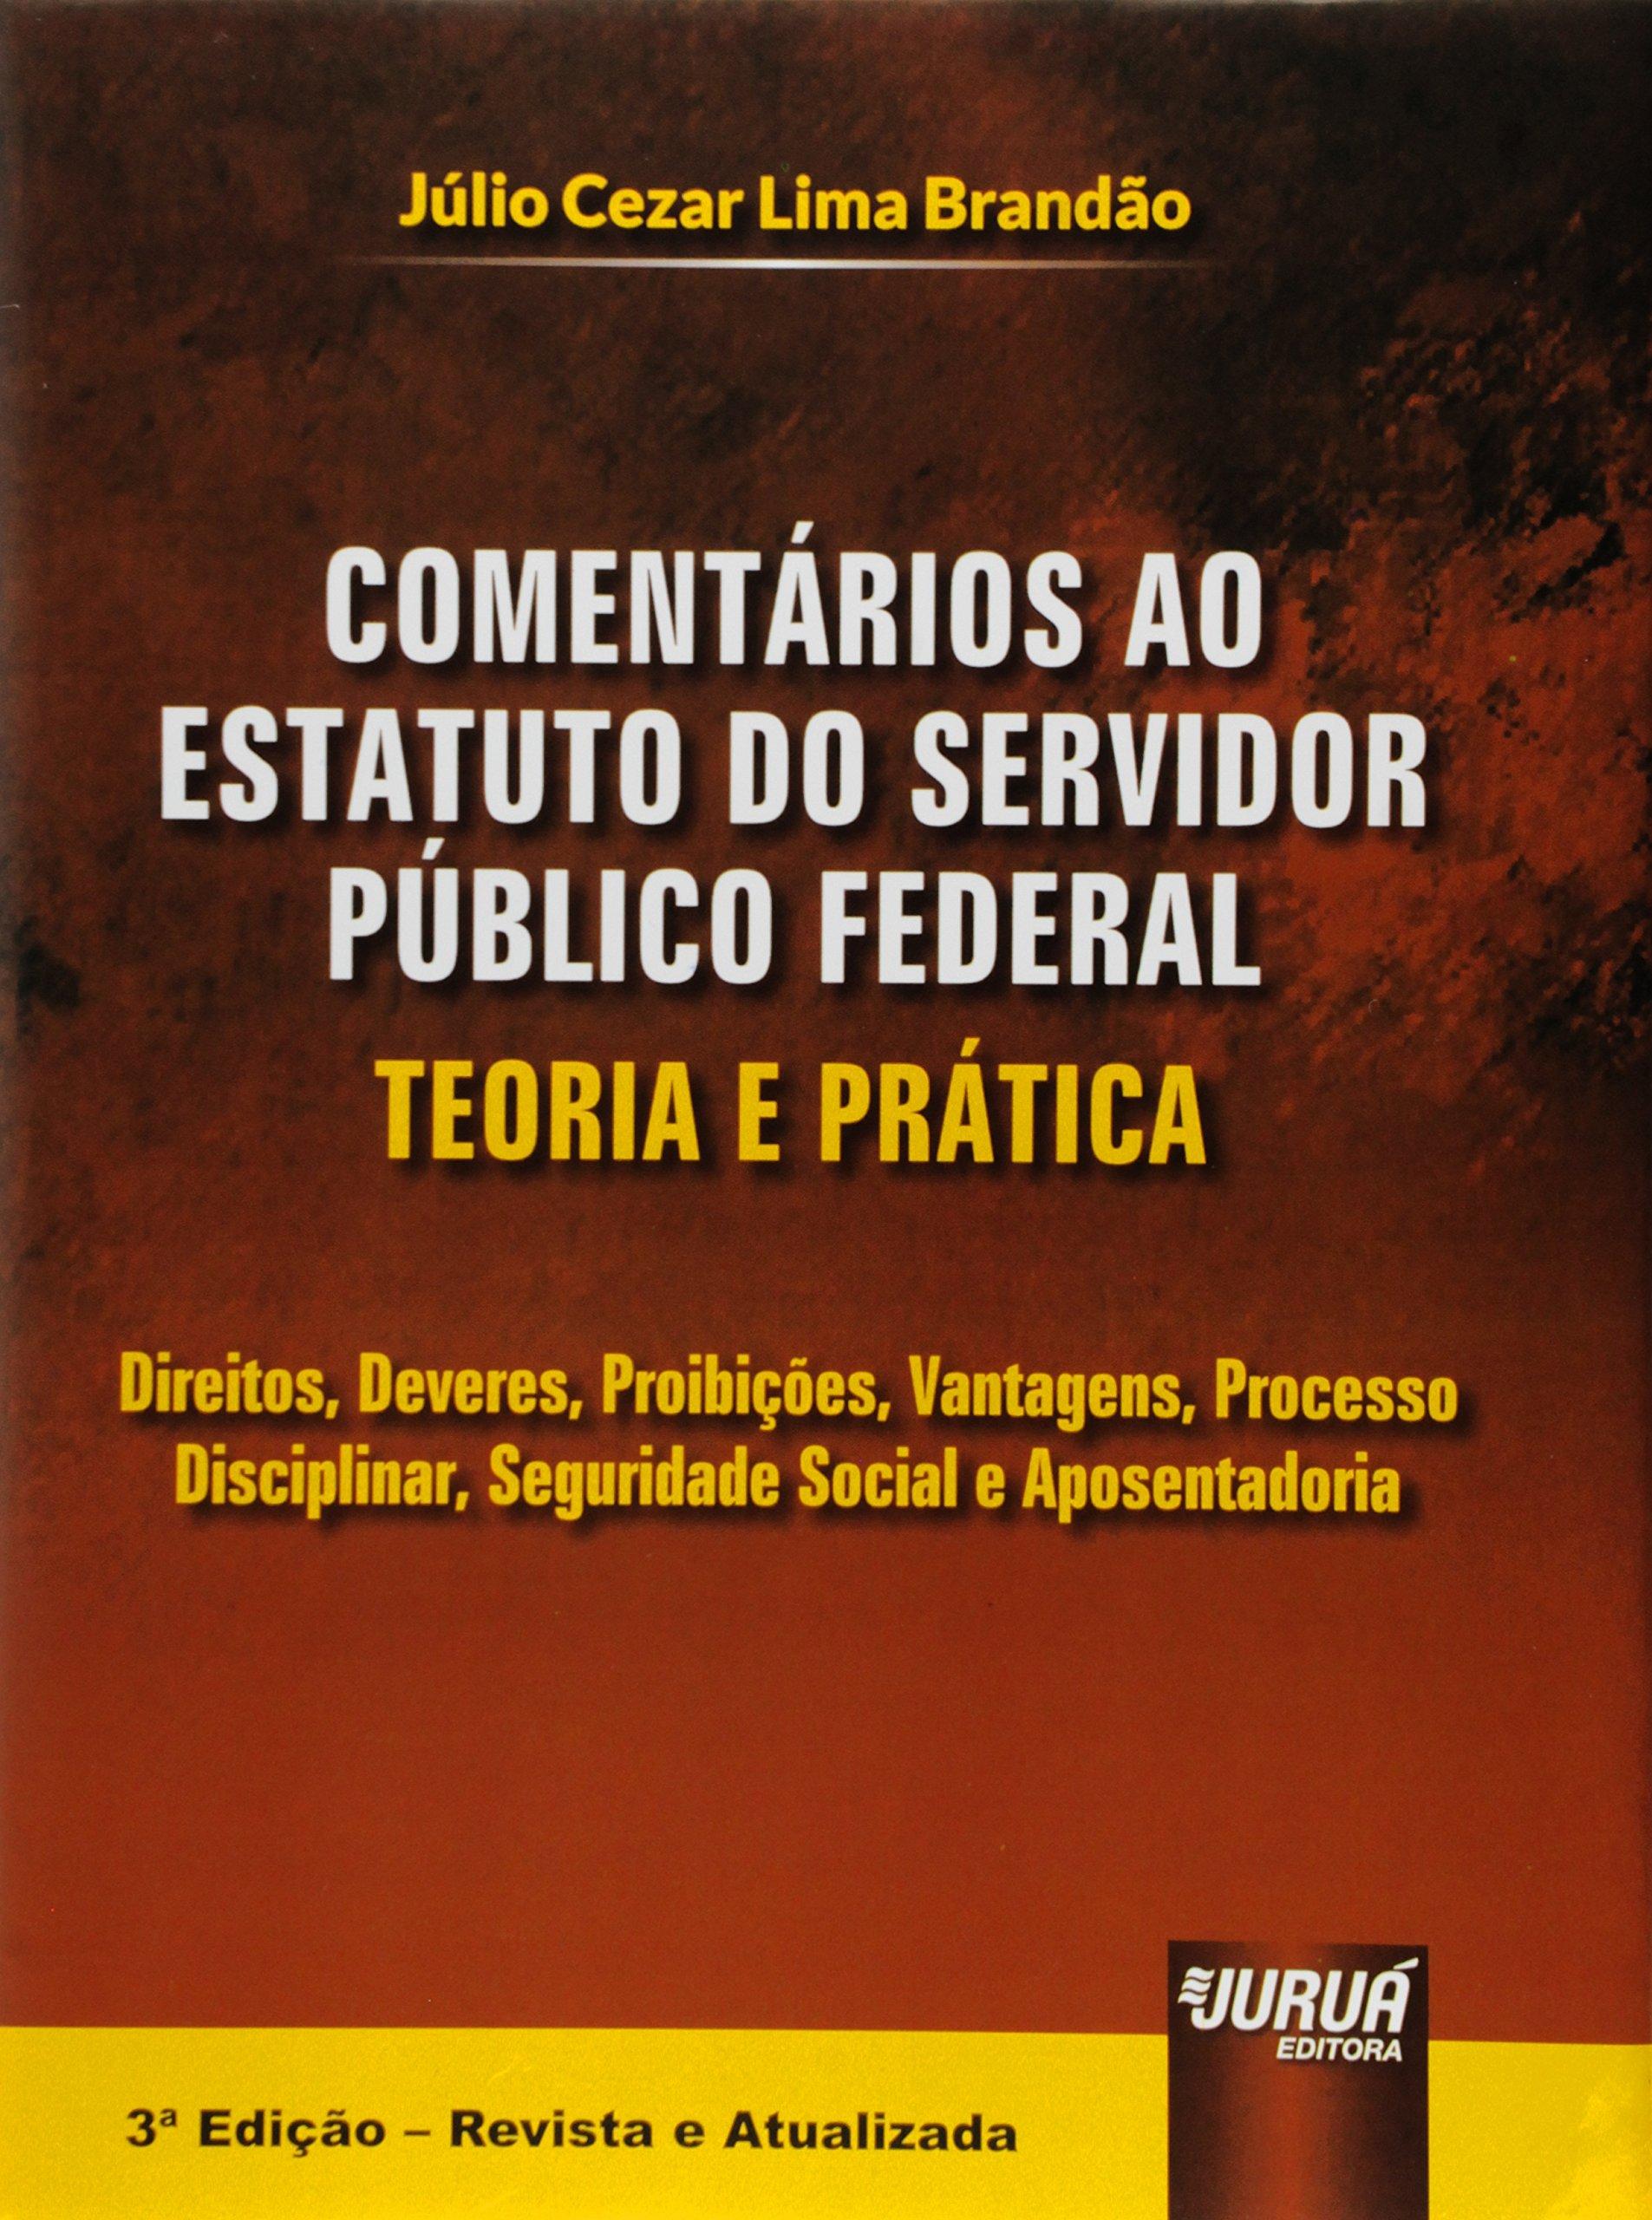 Download Comentarios ao Estatuto do Servidor Publico Federal: Teoria e Pratica ePub fb2 book